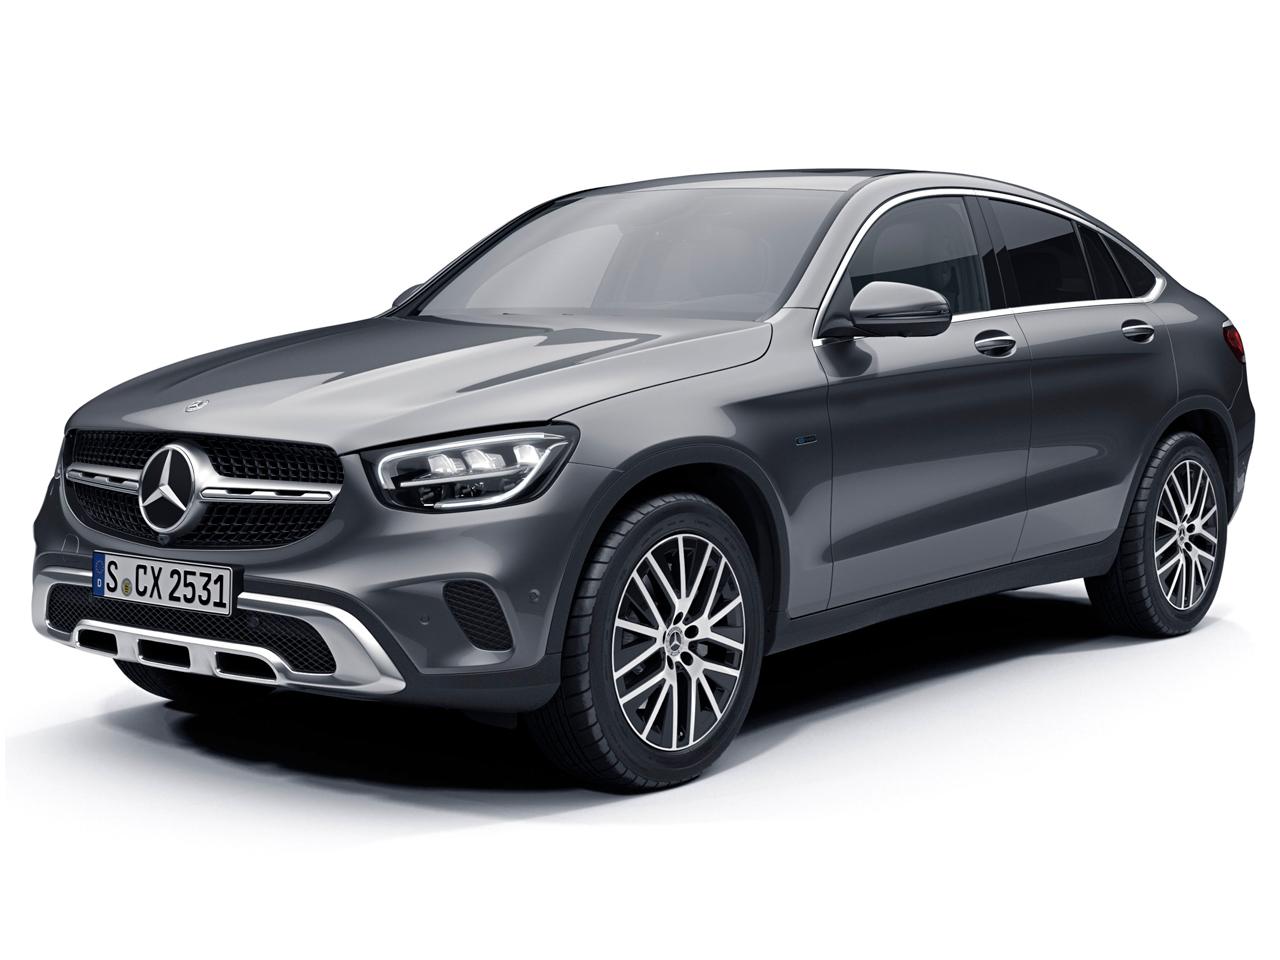 メルセデス・ベンツ GLCクラス クーペ プラグインハイブリッド 2017年モデル 新車画像